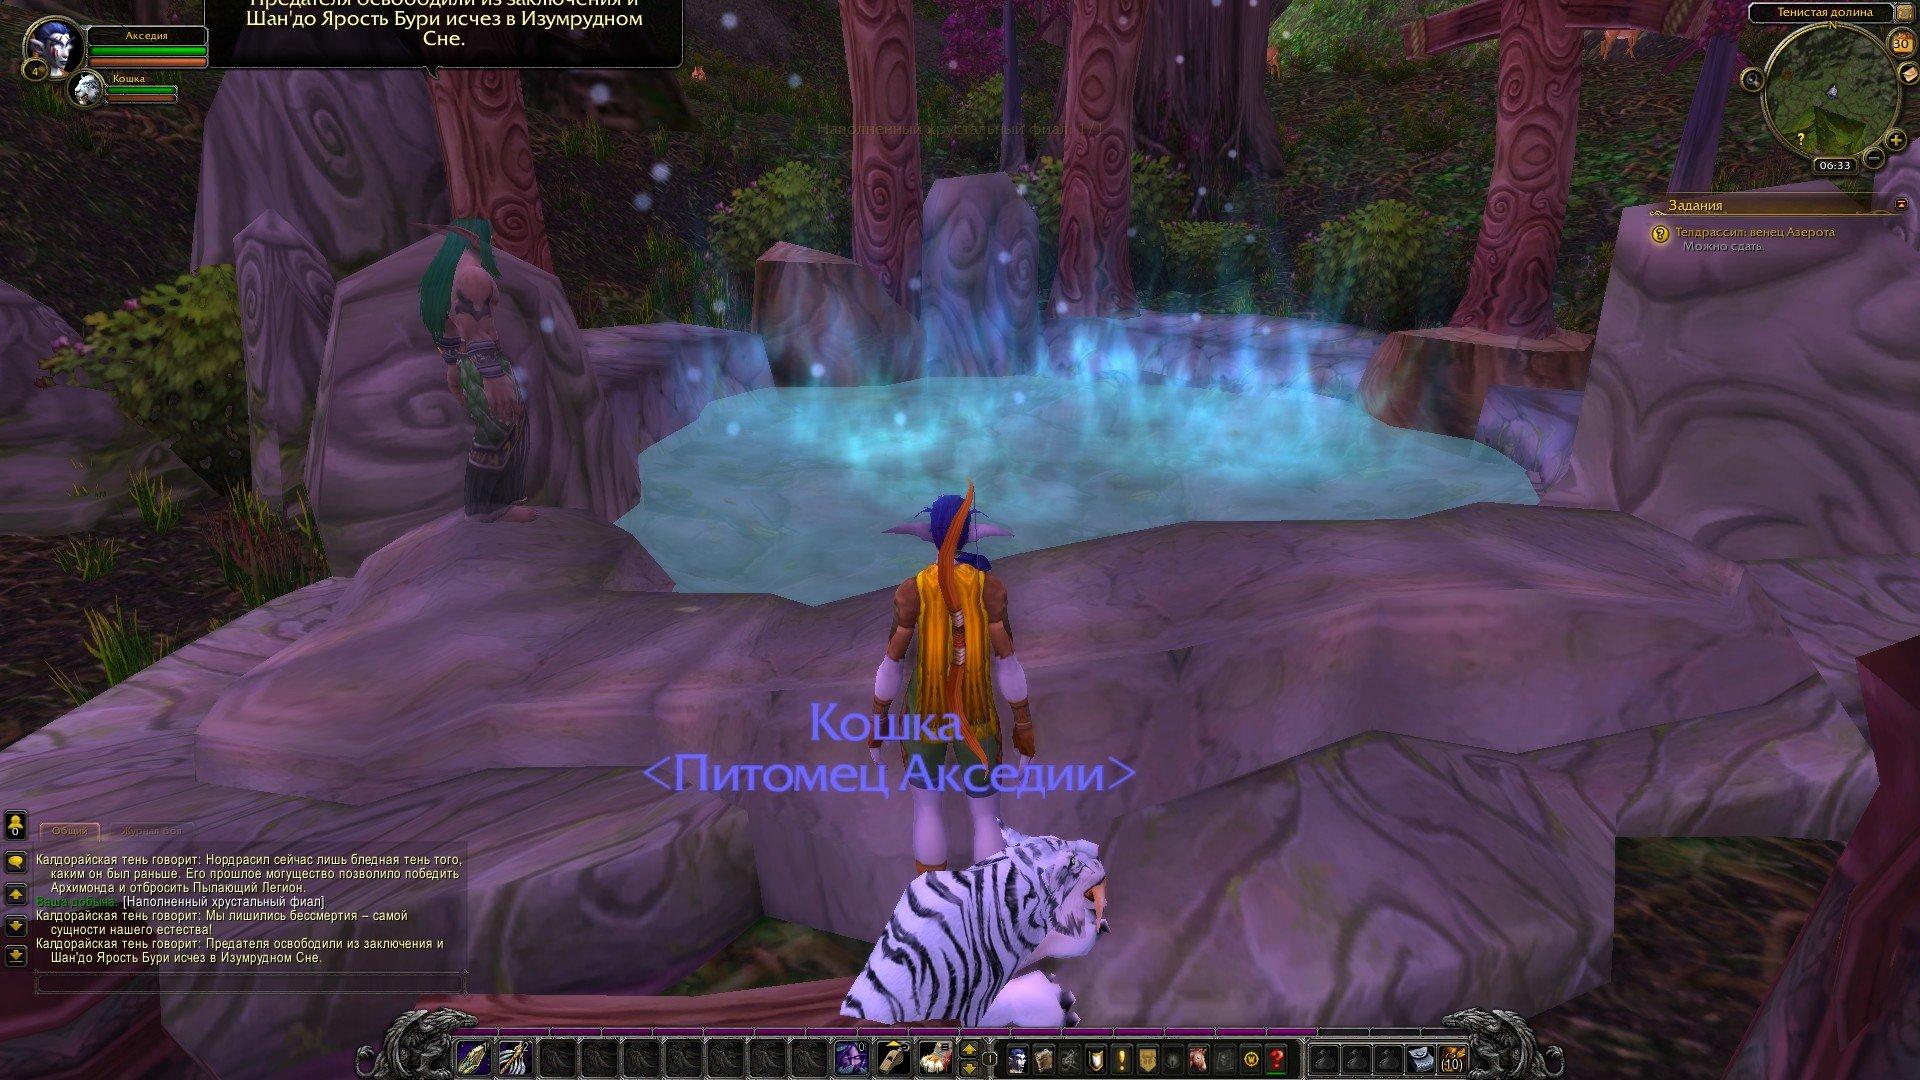 Путешествие по World of Warcraft ... Знакомство - Изображение 5